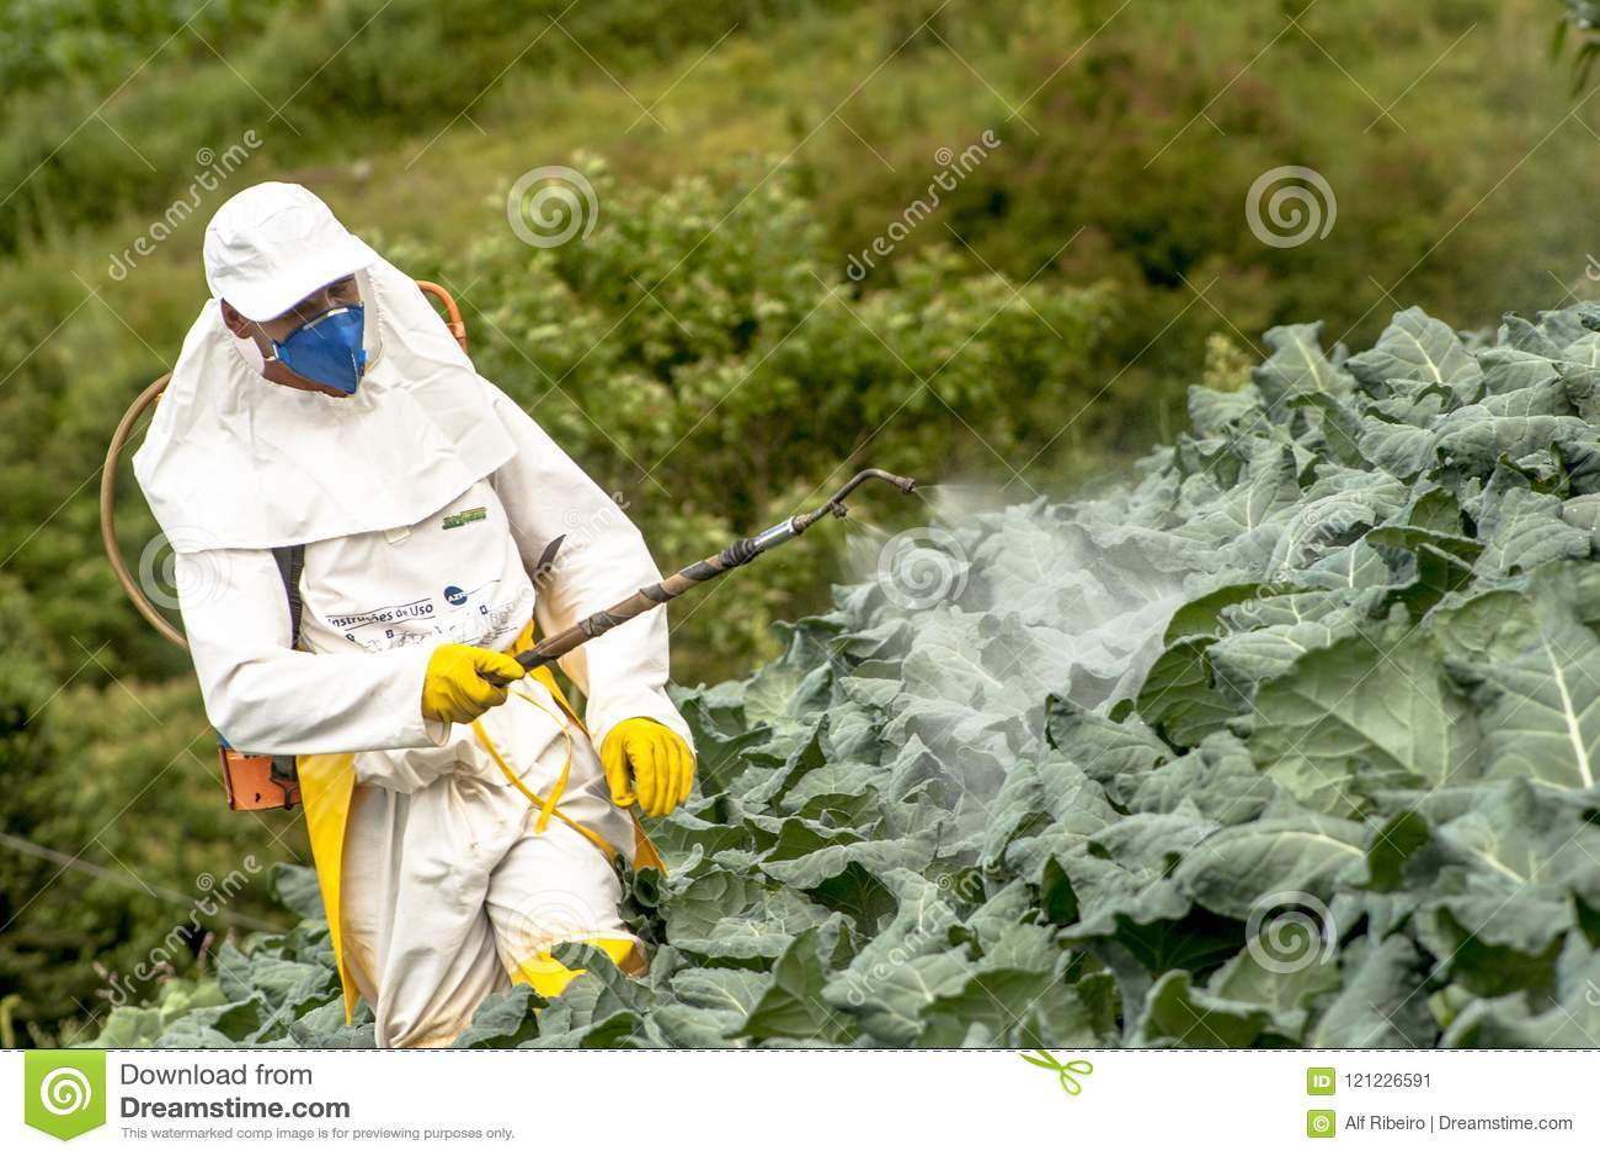 Ręczna pestycyd natryskownica w sałacie